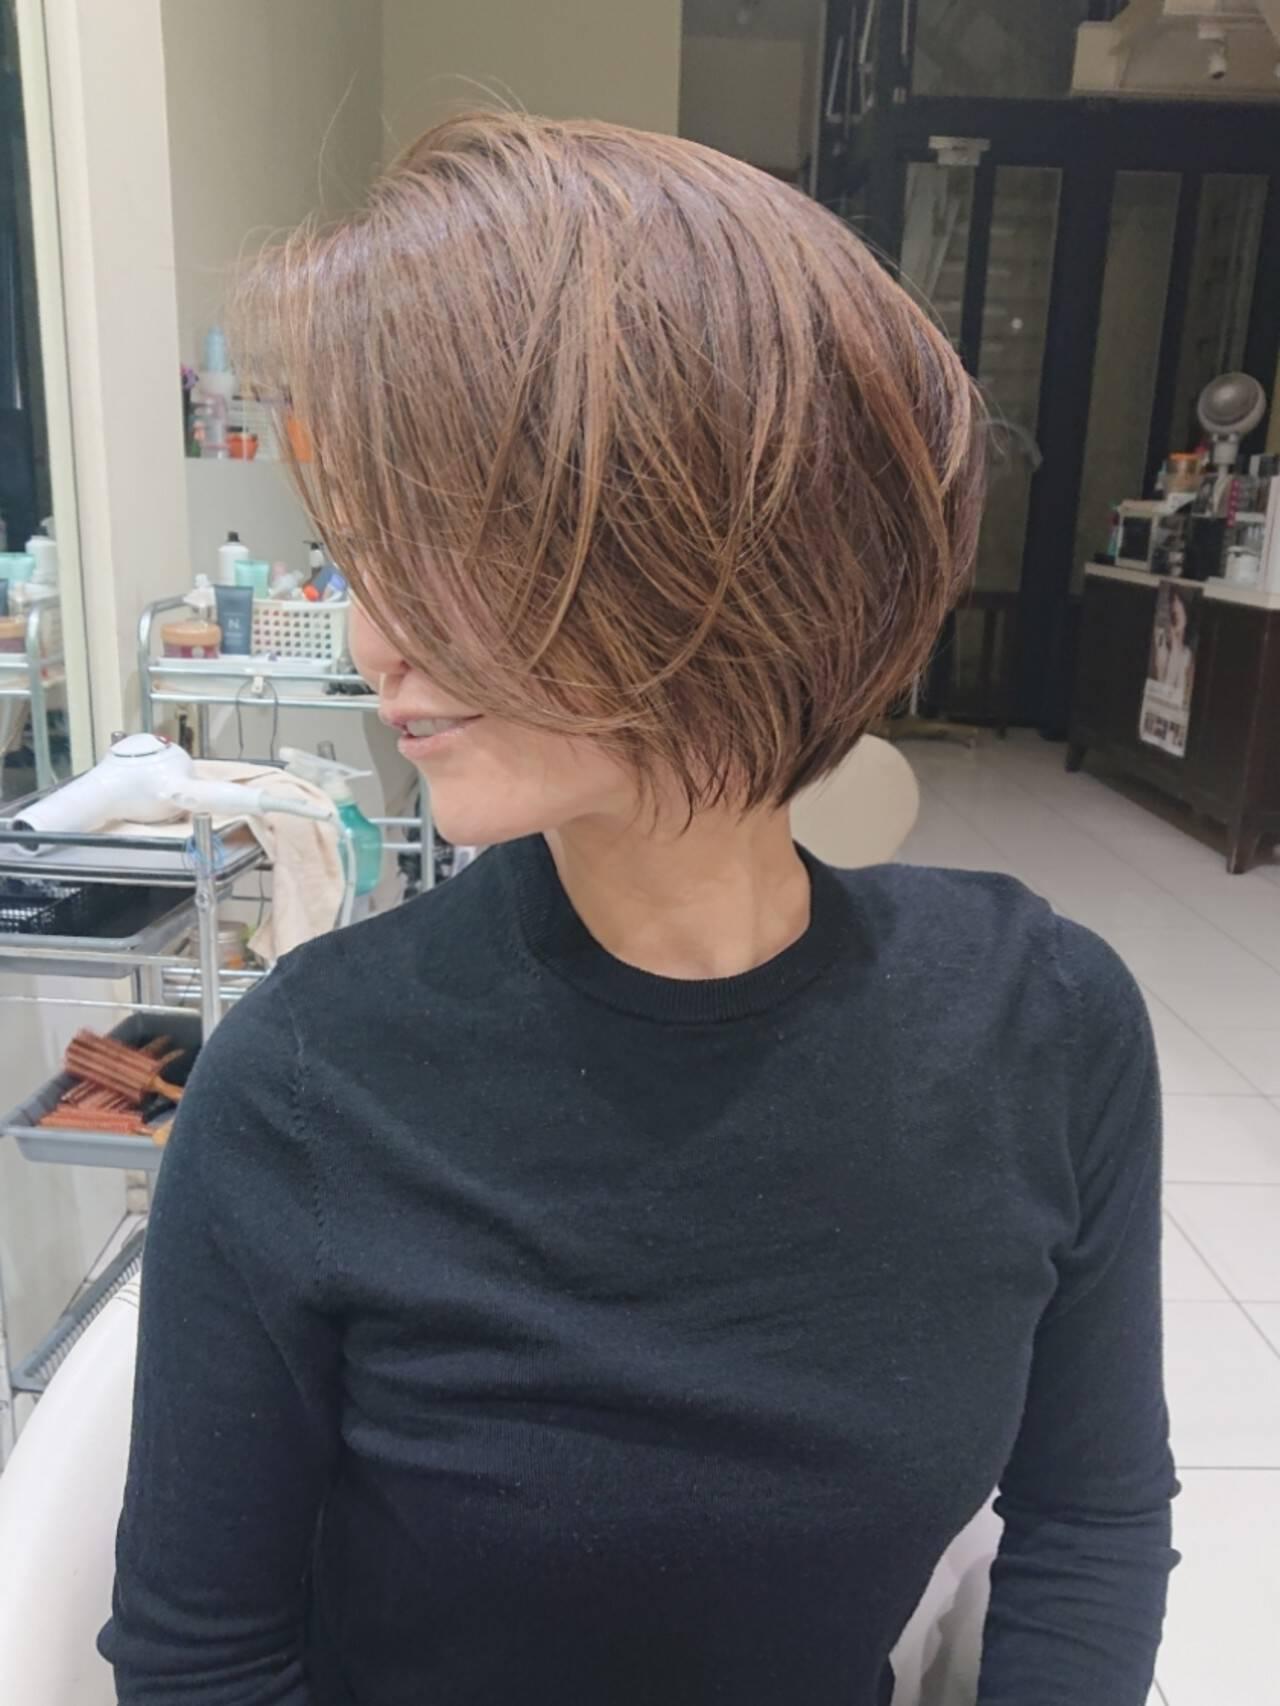 大人ハイライト レイヤーボブ ボブ 3Dハイライトヘアスタイルや髪型の写真・画像